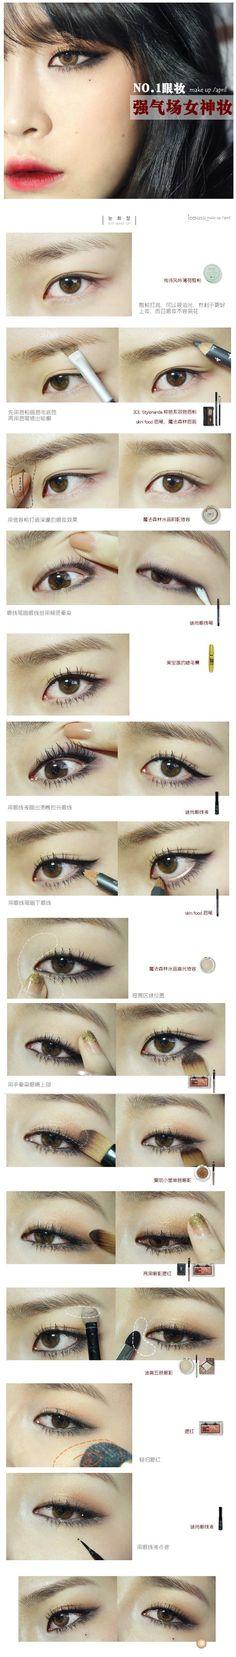 Trendy Makeup Ideas Korean Make Up Ideas Korean Makeup Look, Asian Eye Makeup, Makeup Inspo, Makeup Inspiration, Makeup Ideas, Skin Makeup, Beauty Makeup, Pony Makeup, Asian Makeup Tutorials